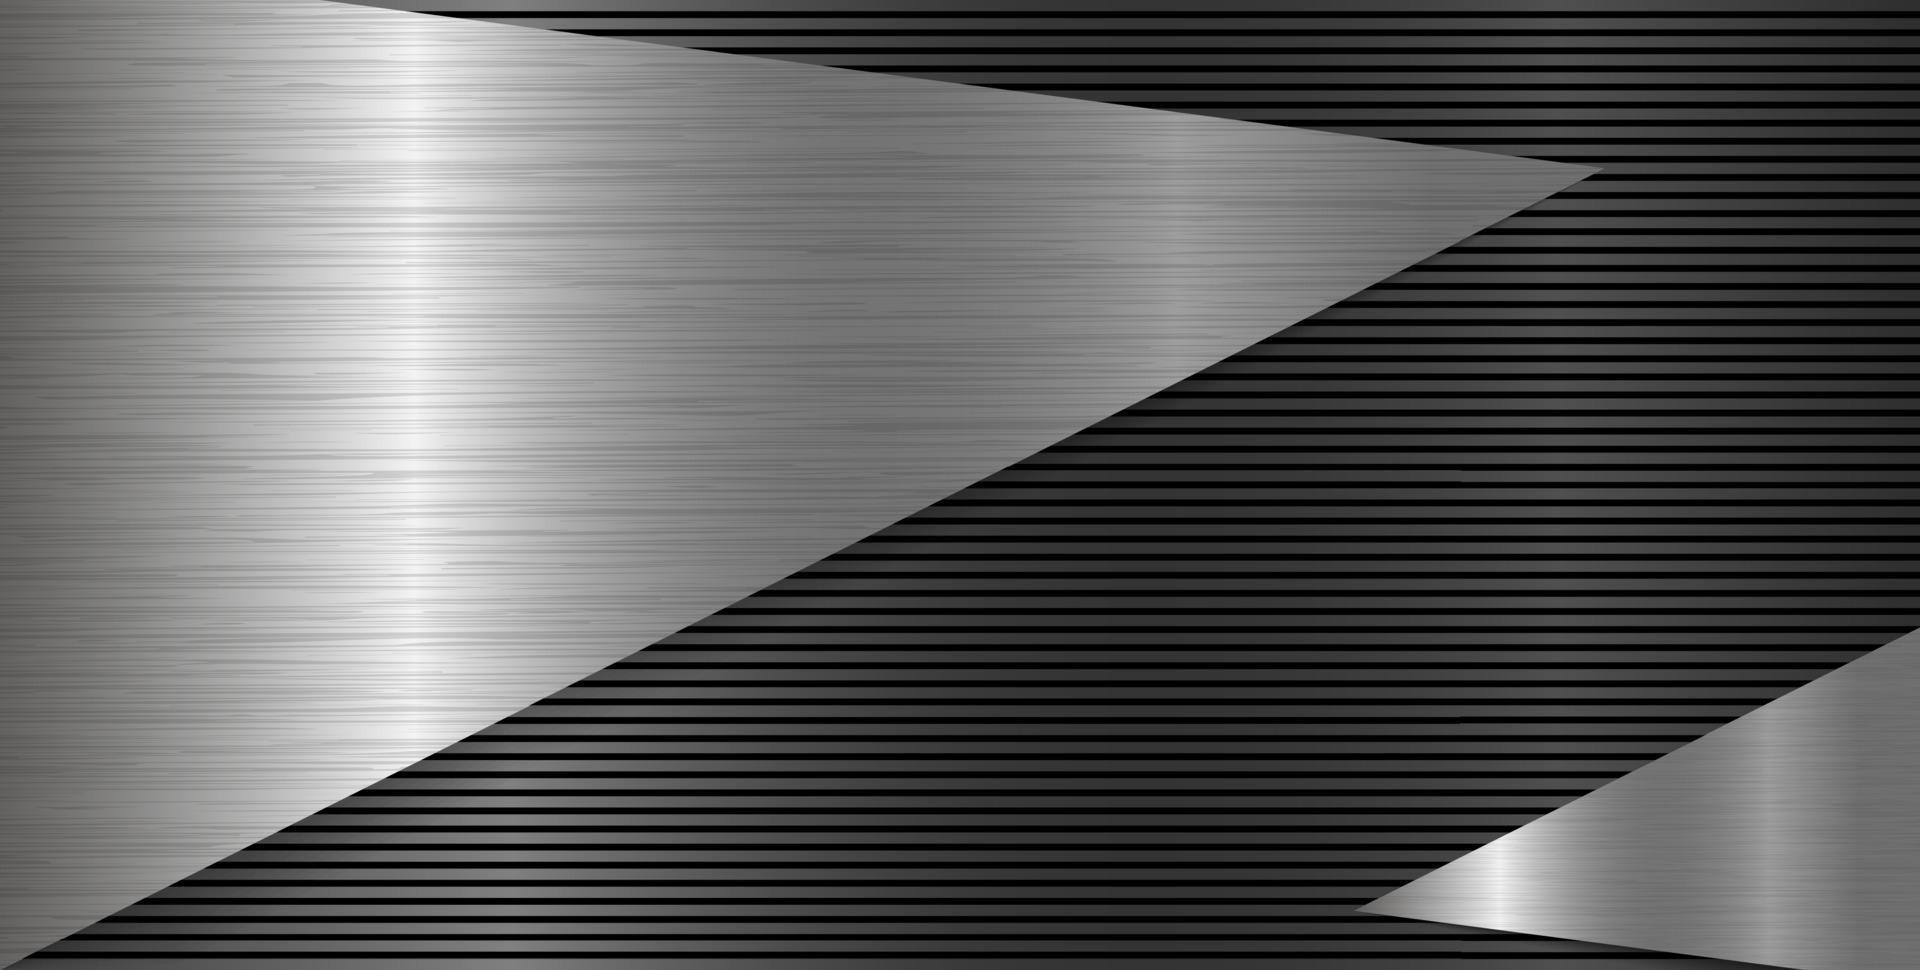 illustration vectorielle de texture métallique fond vecteur